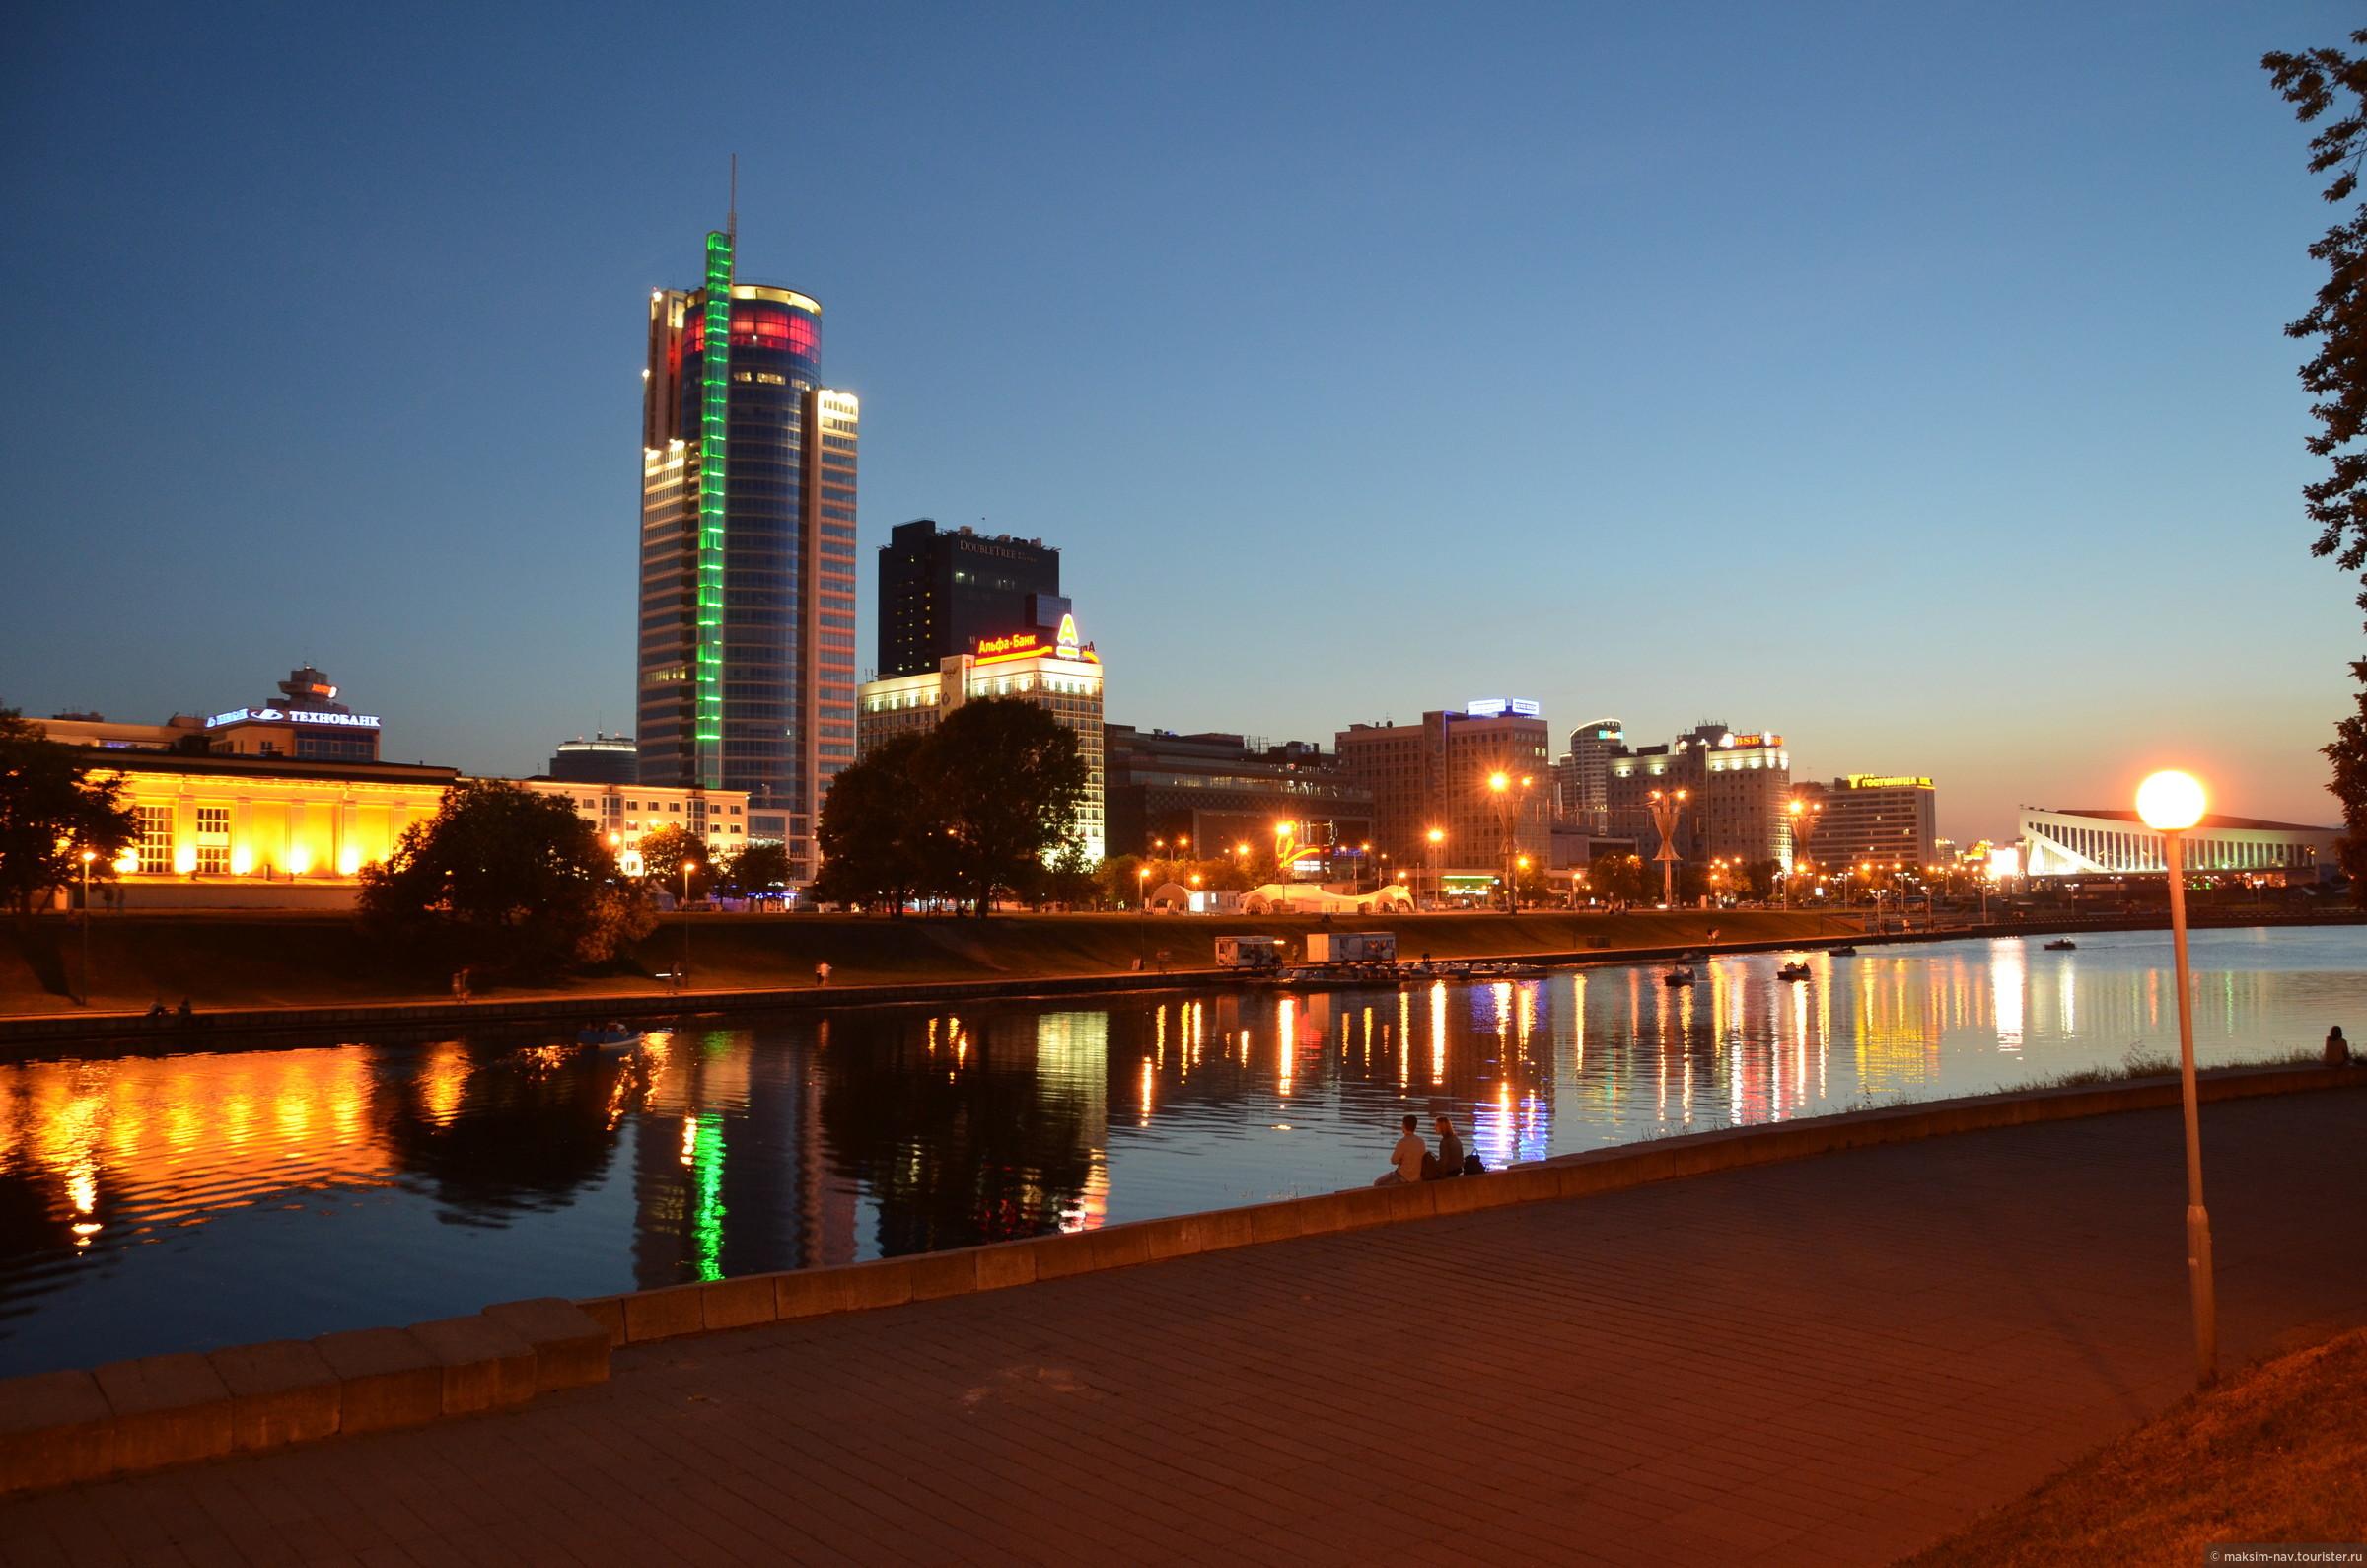 Тем временем стемнело, несмотря на усталость мы решили не брать такси, а дойти до нашего сегодняшнего жилья пешком., Один день в Минске.